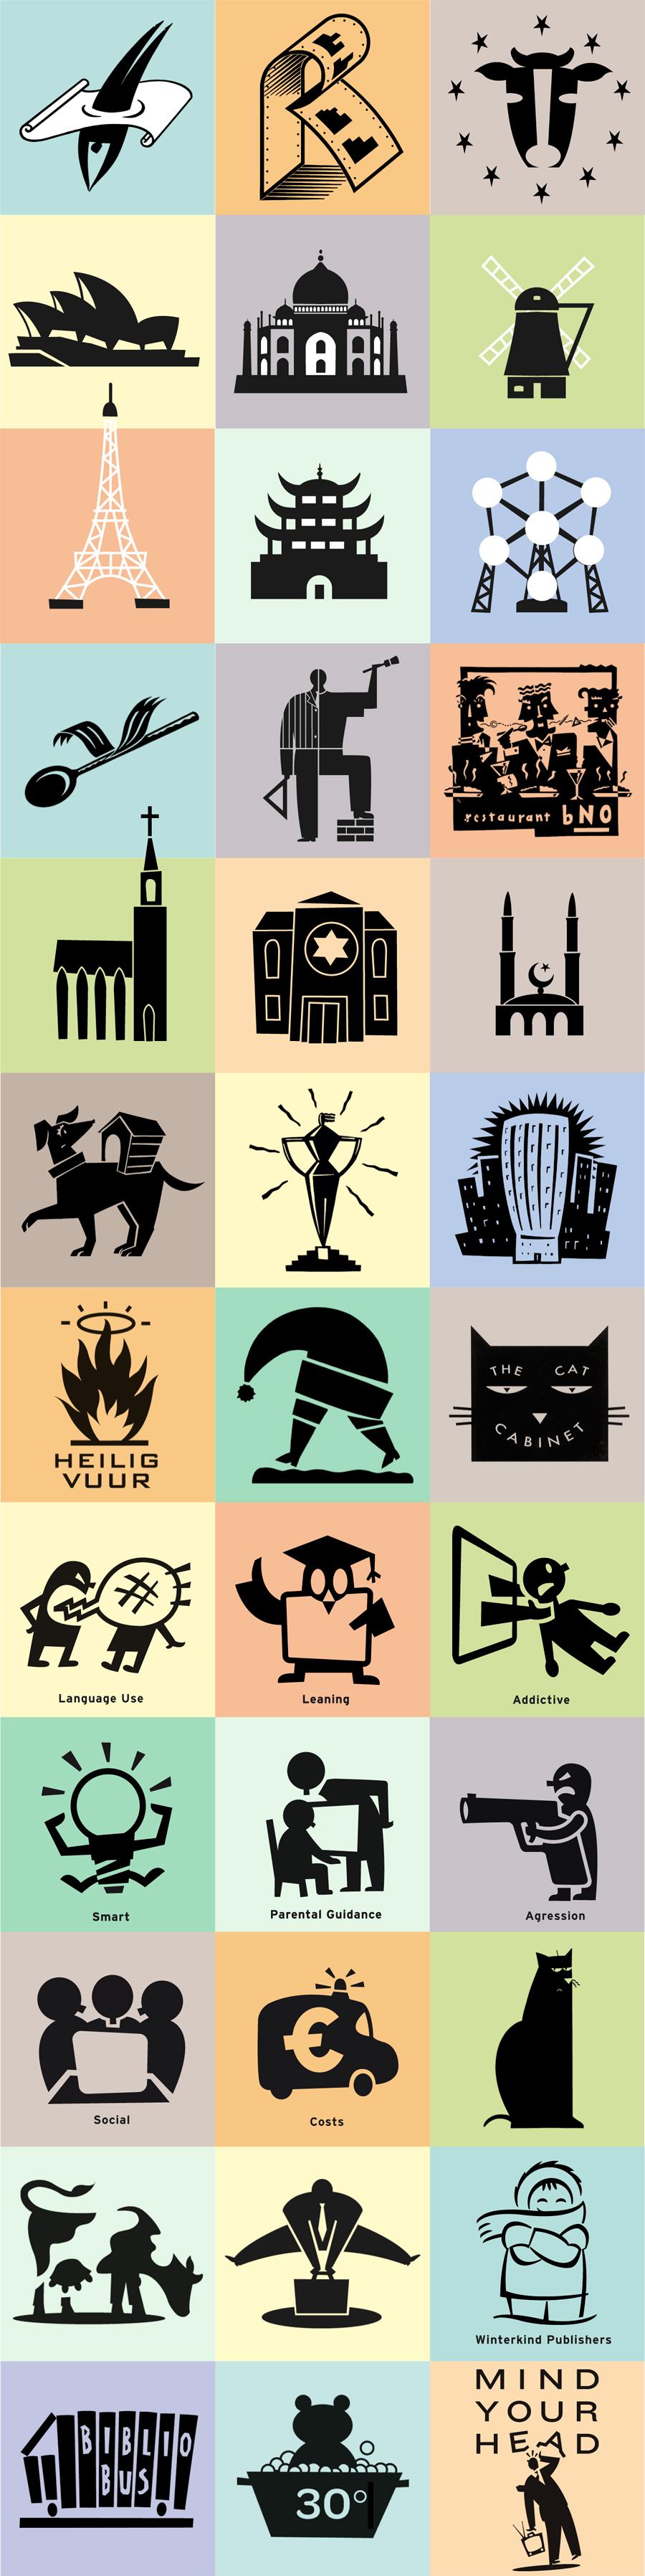 pictogram illustraties in zwart wit, gebouwen, dieren, tidschriften, bedrijven